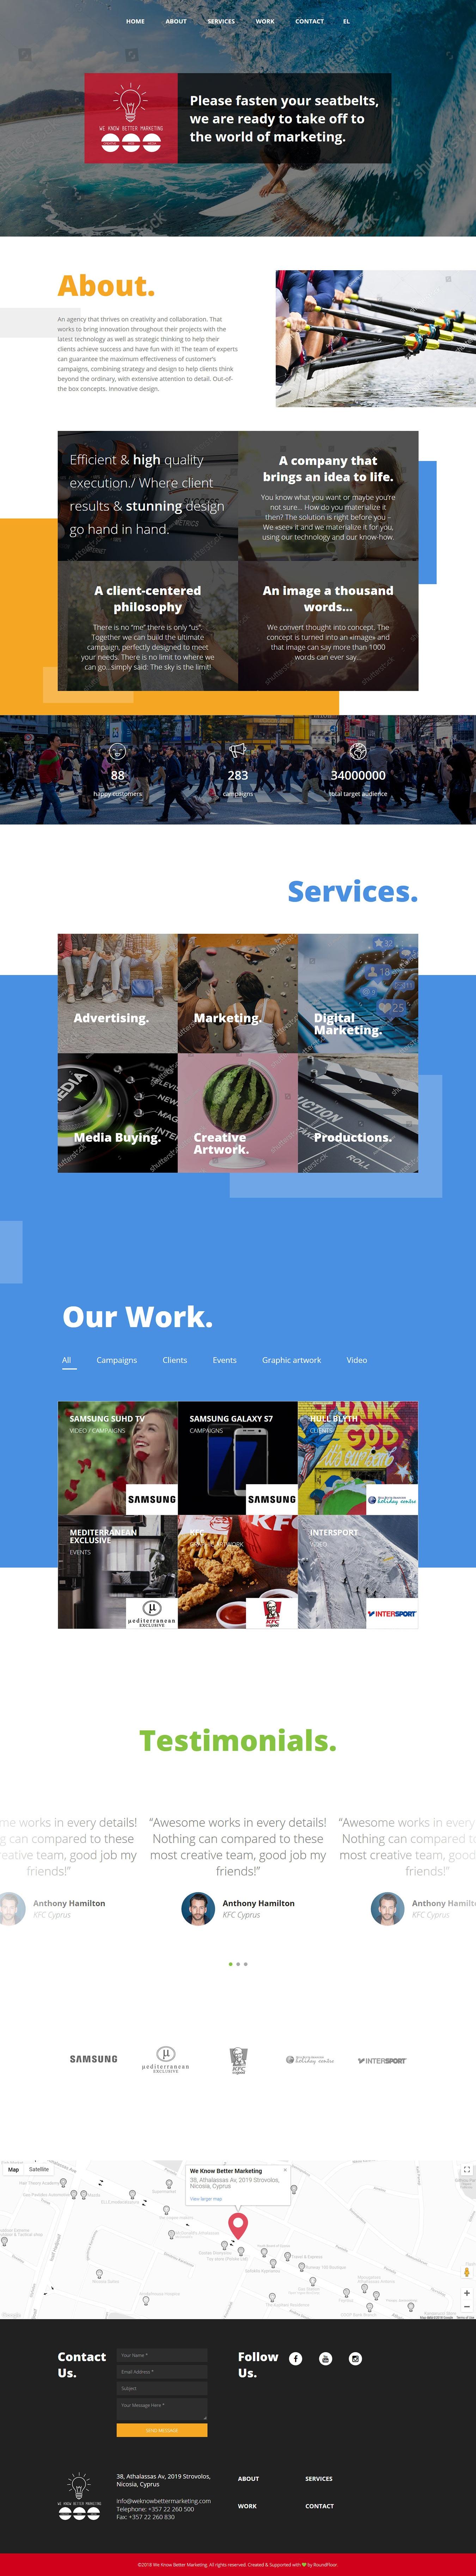 Κατασκευή ιστοσελίδας digital media agency - διαφημιστικής εταιρείας για την We Know Better Marketing